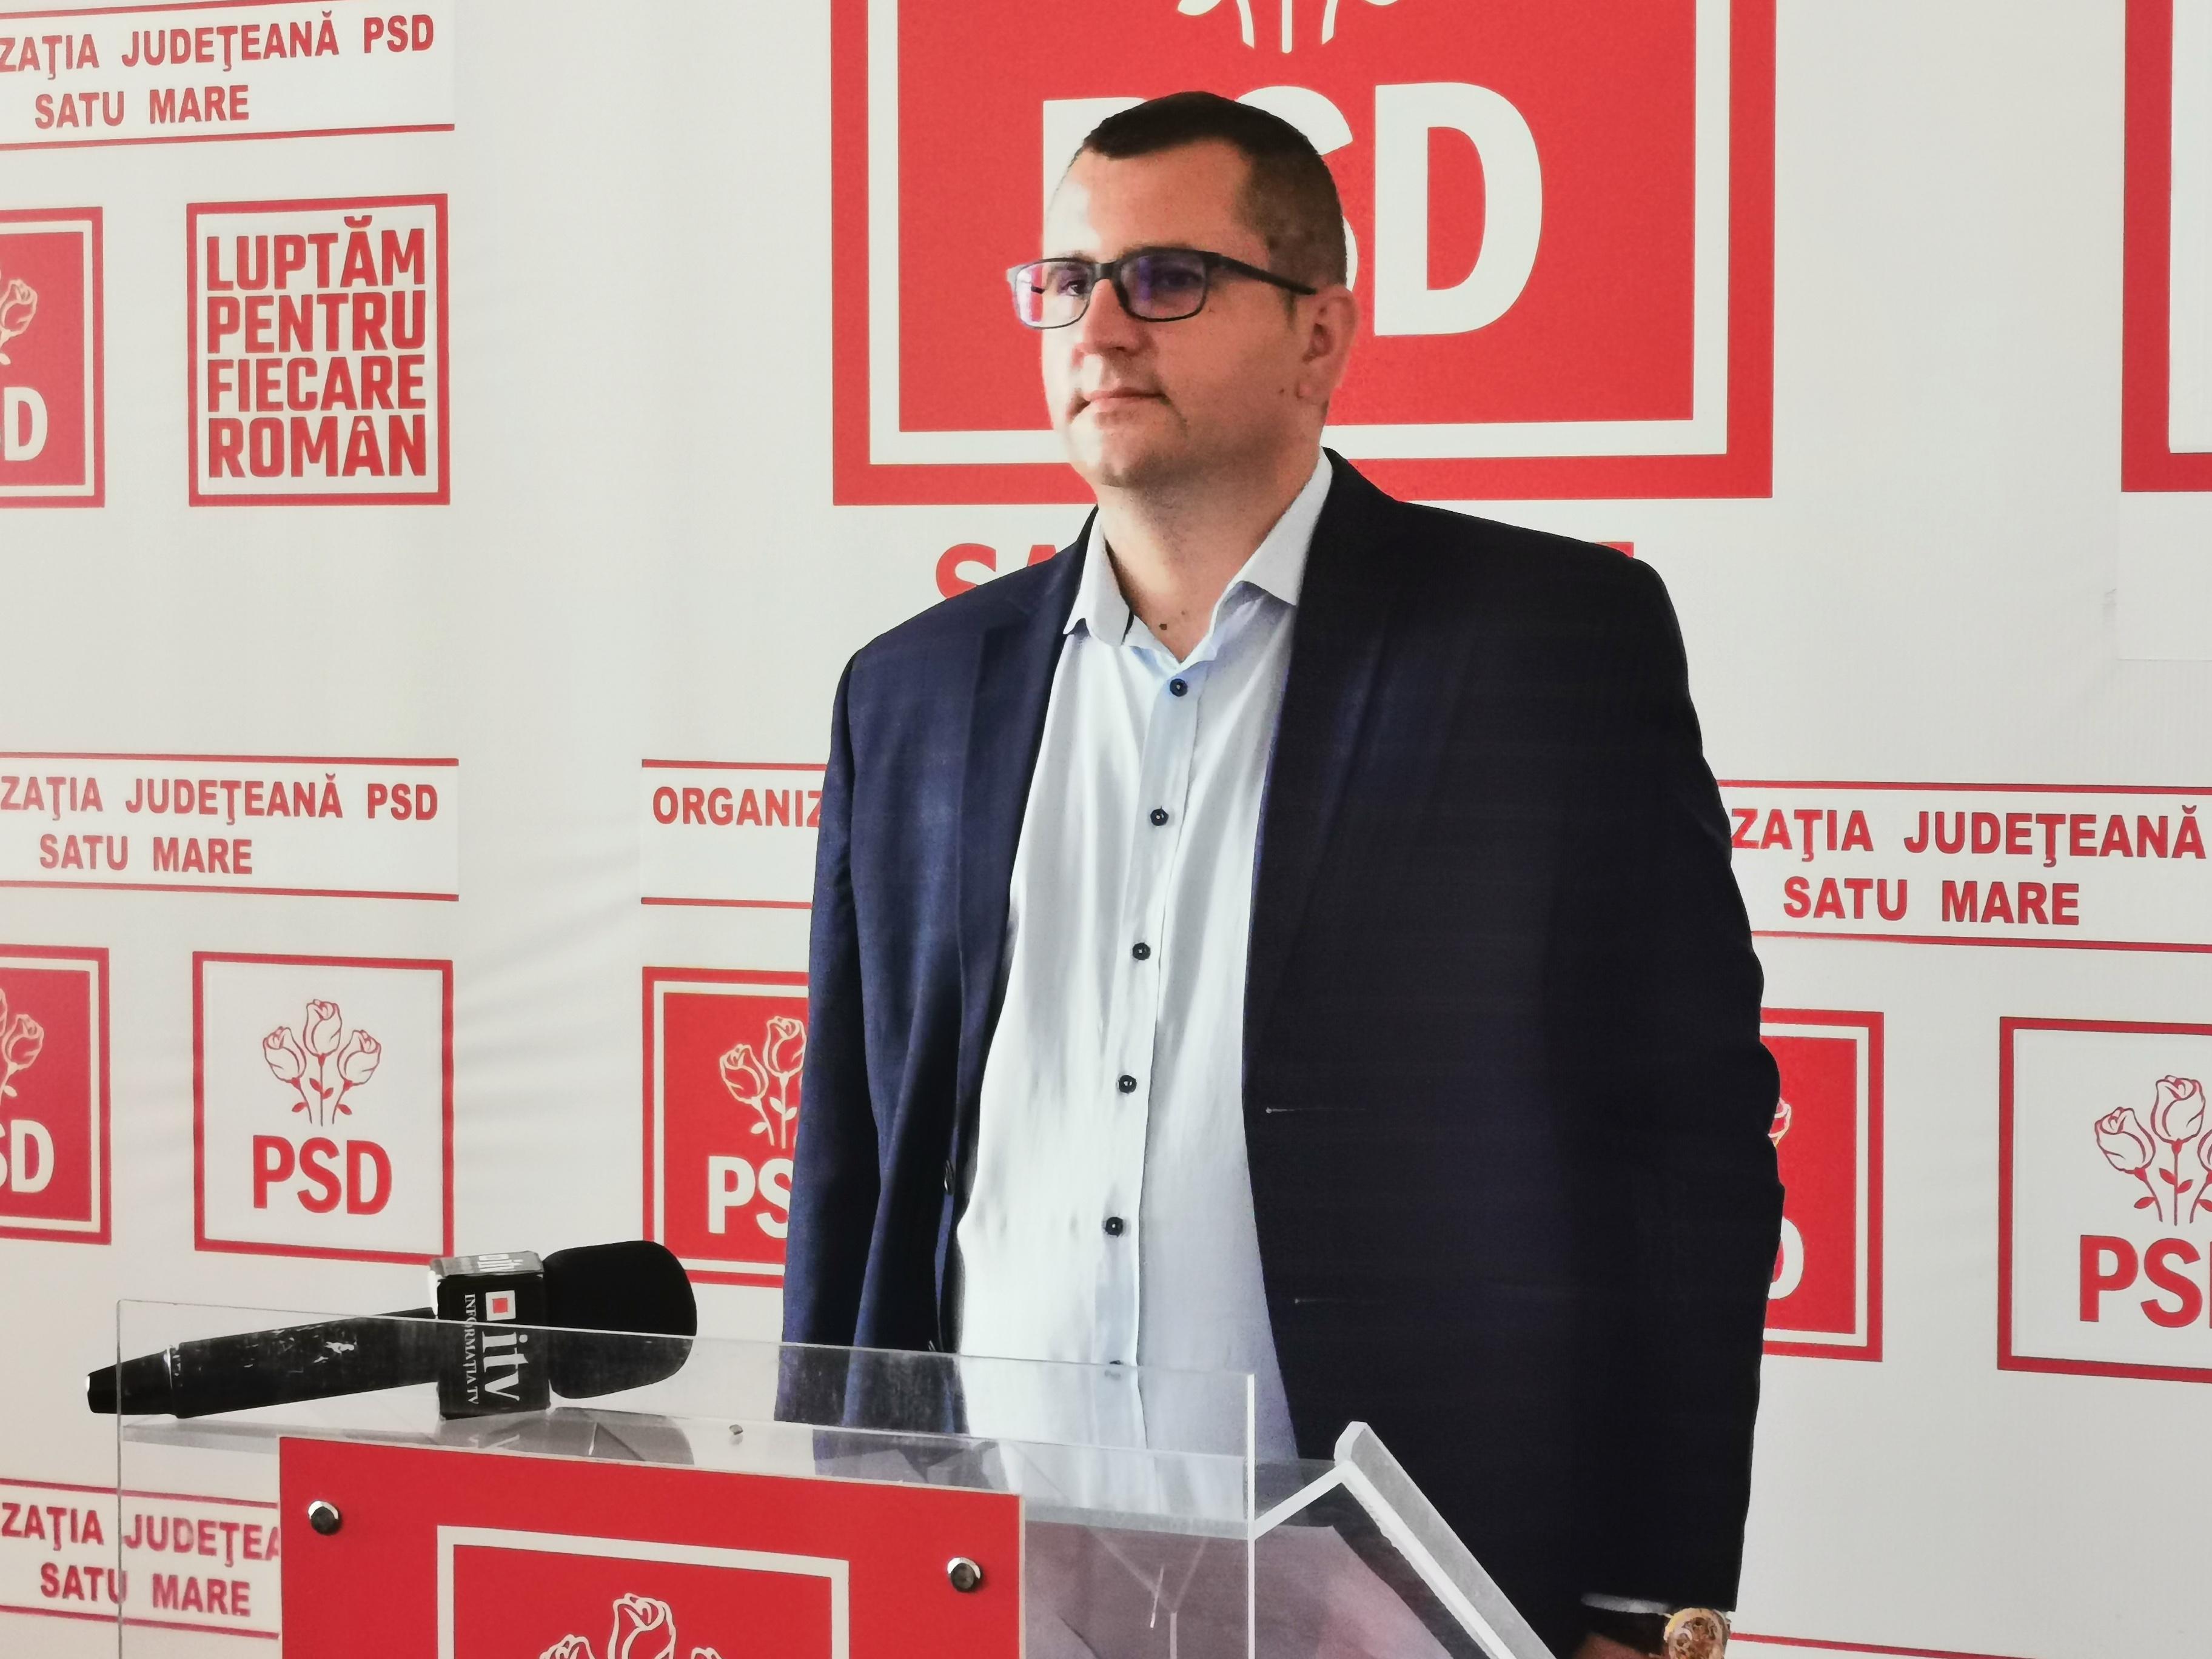 Ionuț Oneț, președintele interimar PSD, acuza prefectul Radu Bud de favorizarea primarilor liberali la împărțirea banilor de la Guvern